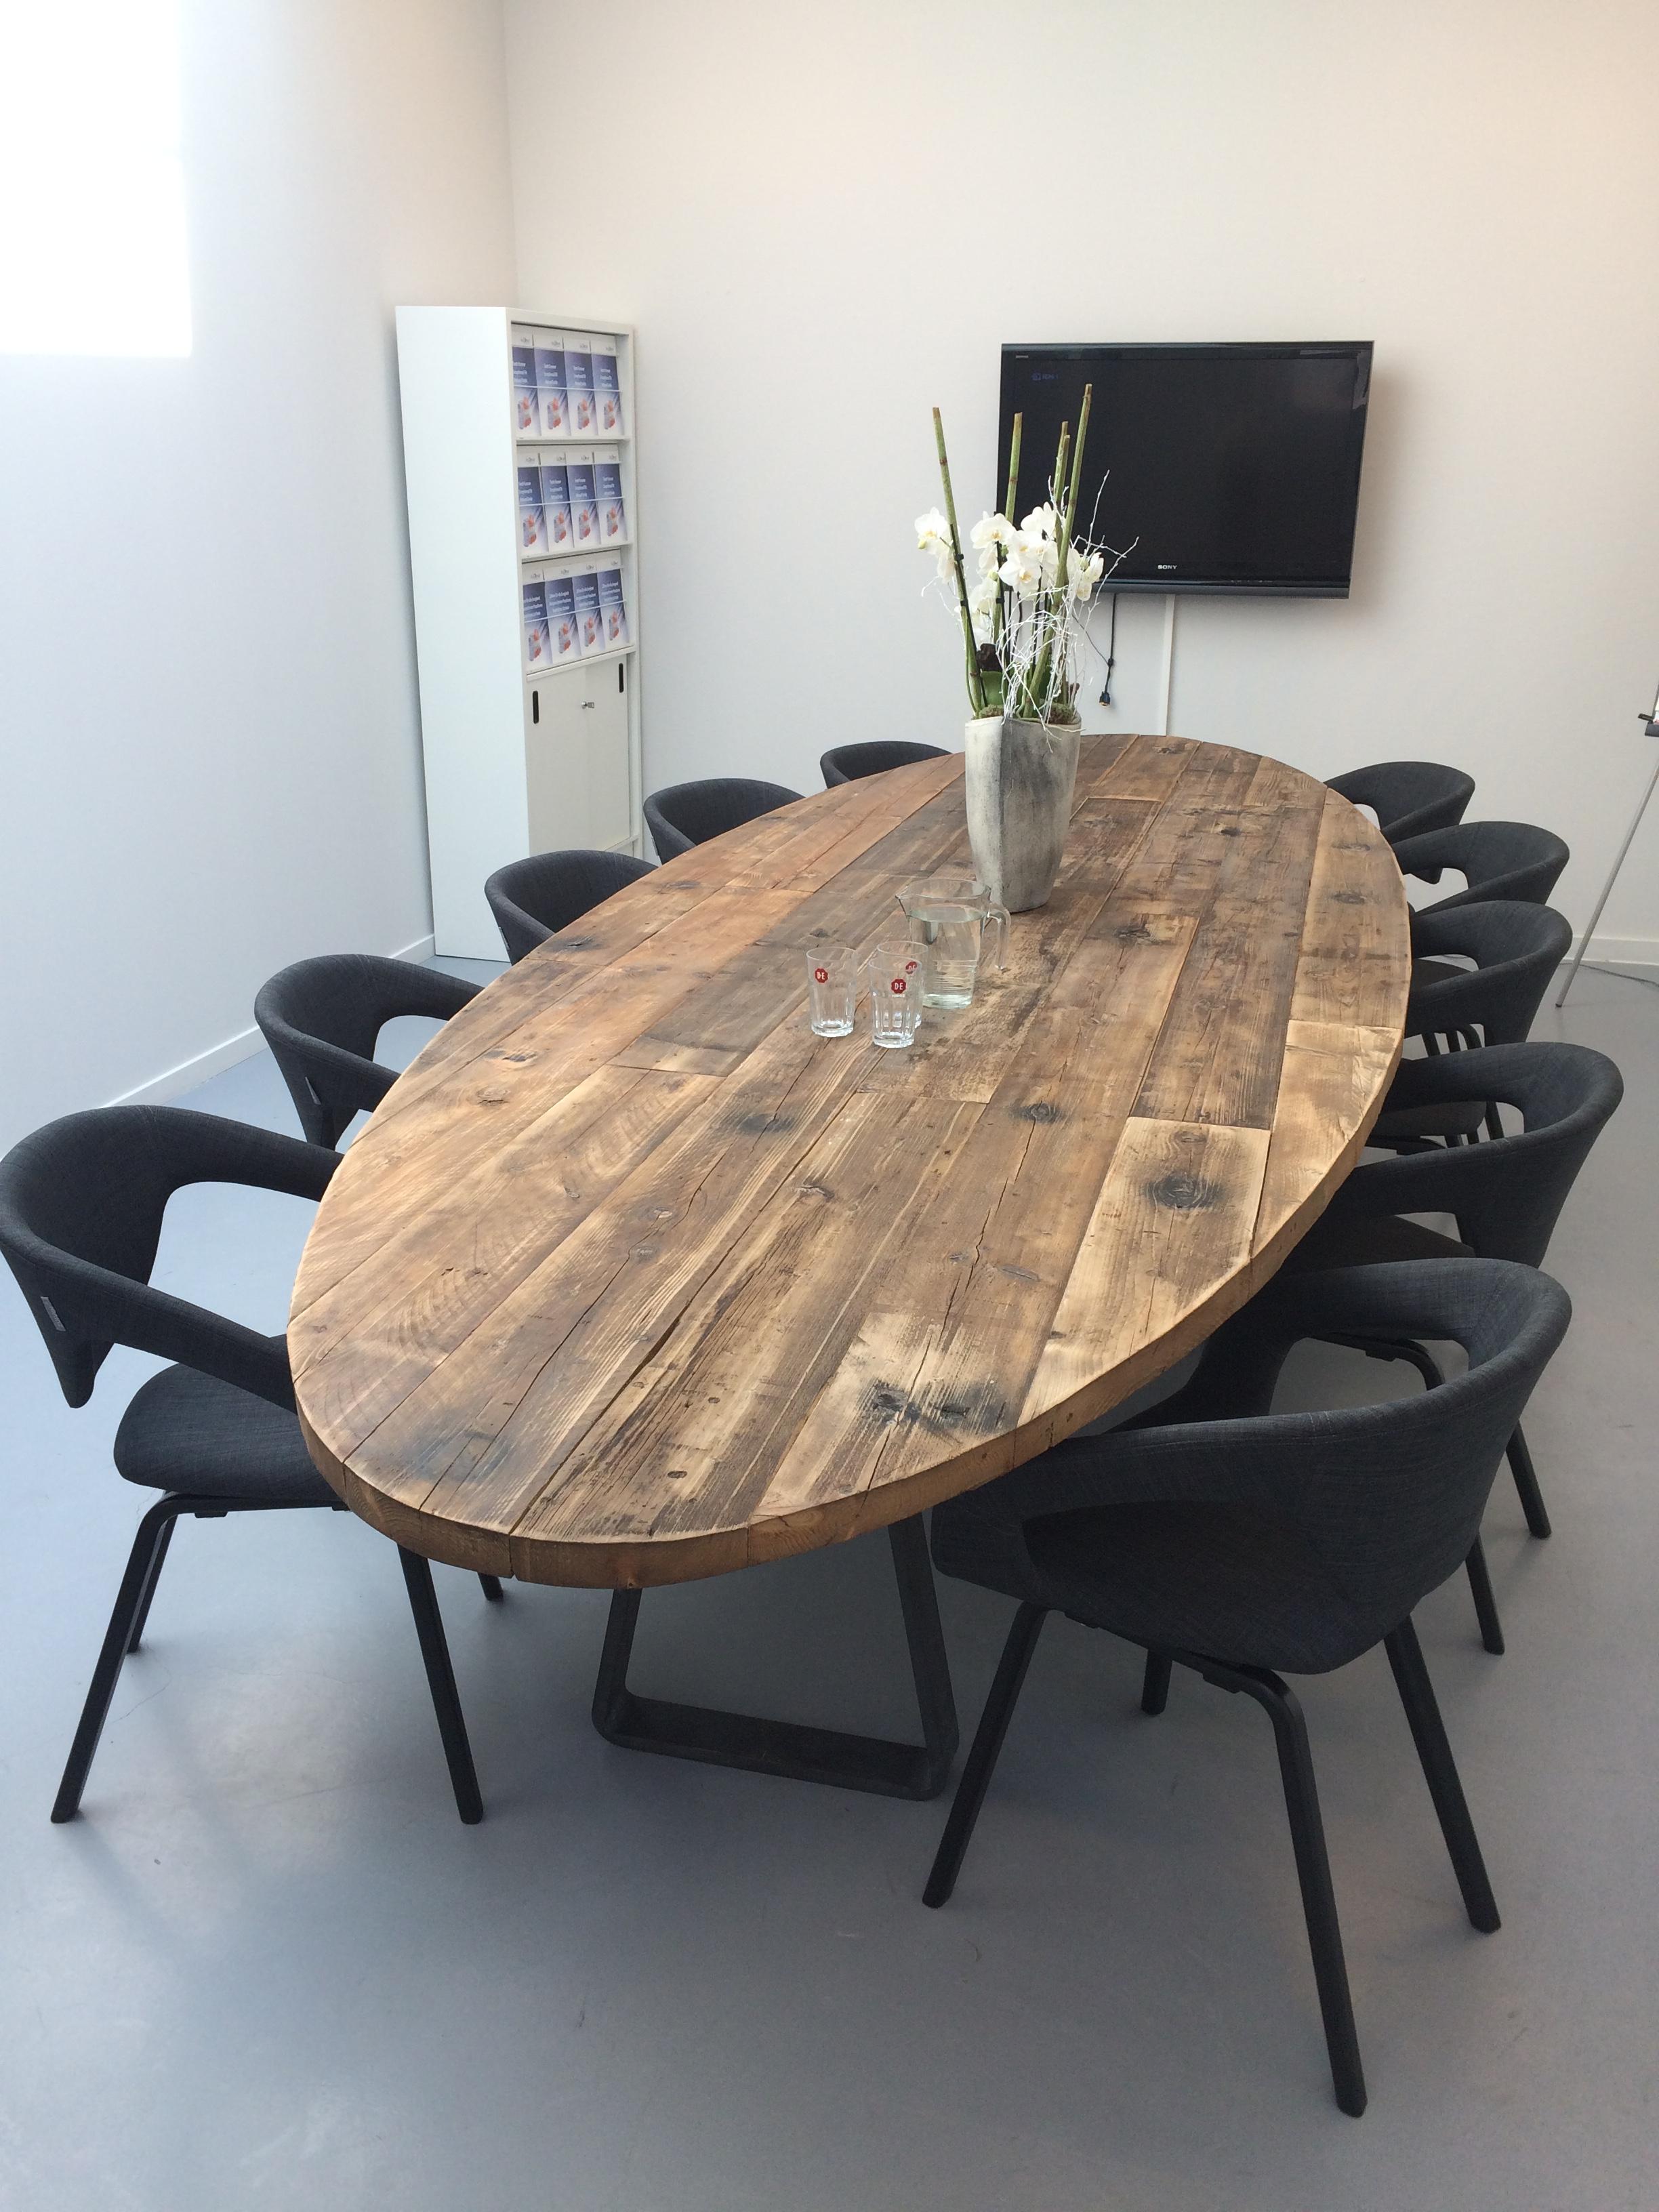 Ovale tafel op maat gemaakt woodindustries maakt het for Tafel op maat